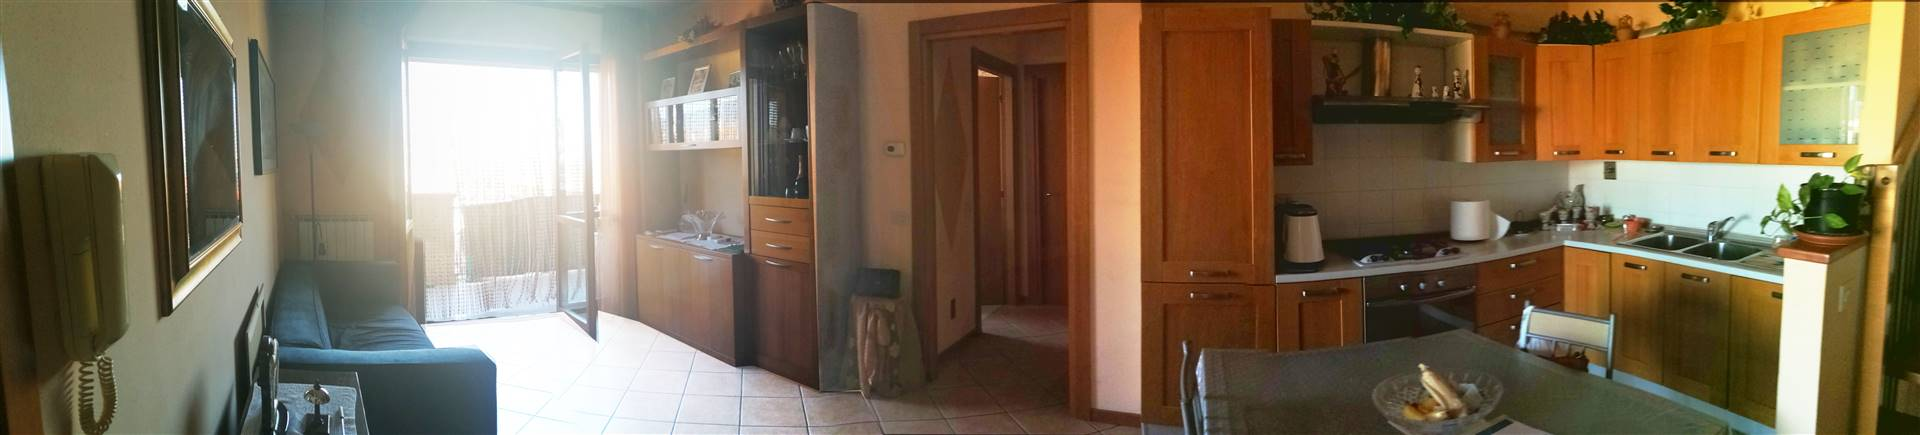 SPEDALINO, AGLIANA, Appartamento in vendita di 80 Mq, Ottime condizioni, Riscaldamento Autonomo, Classe energetica: G, posto al piano 2°, composto